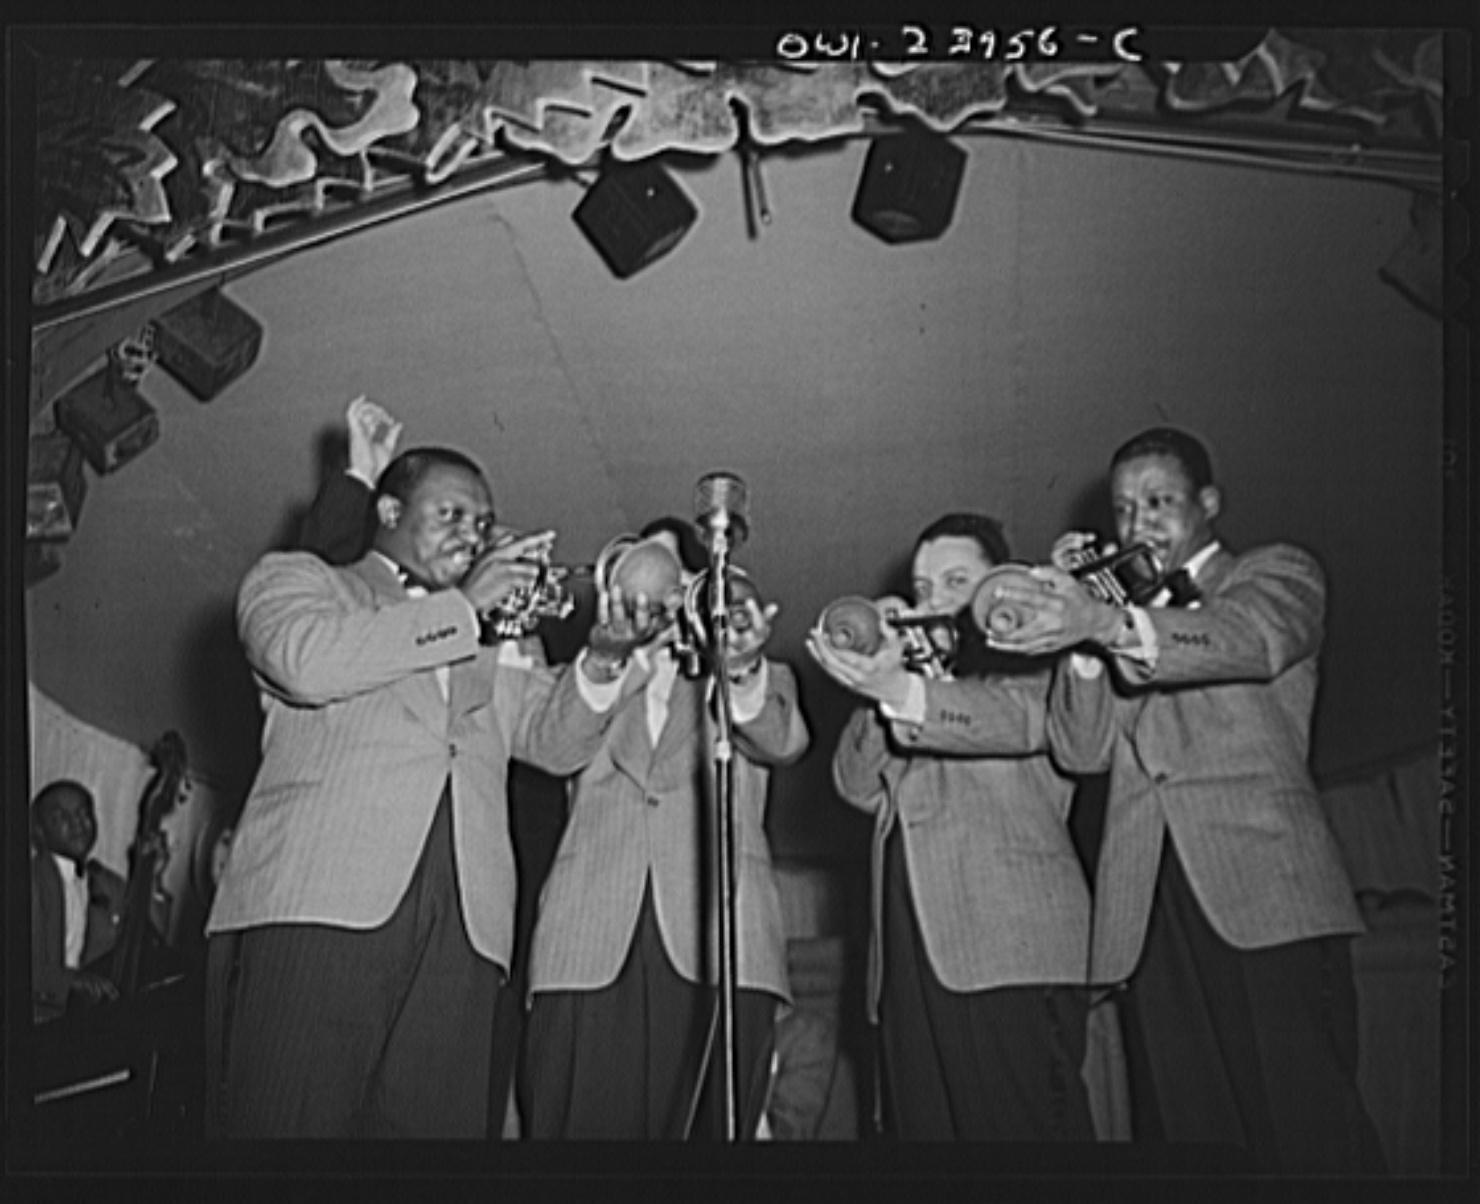 デューク・エリントン楽団のトランペットセクションが演奏している写真